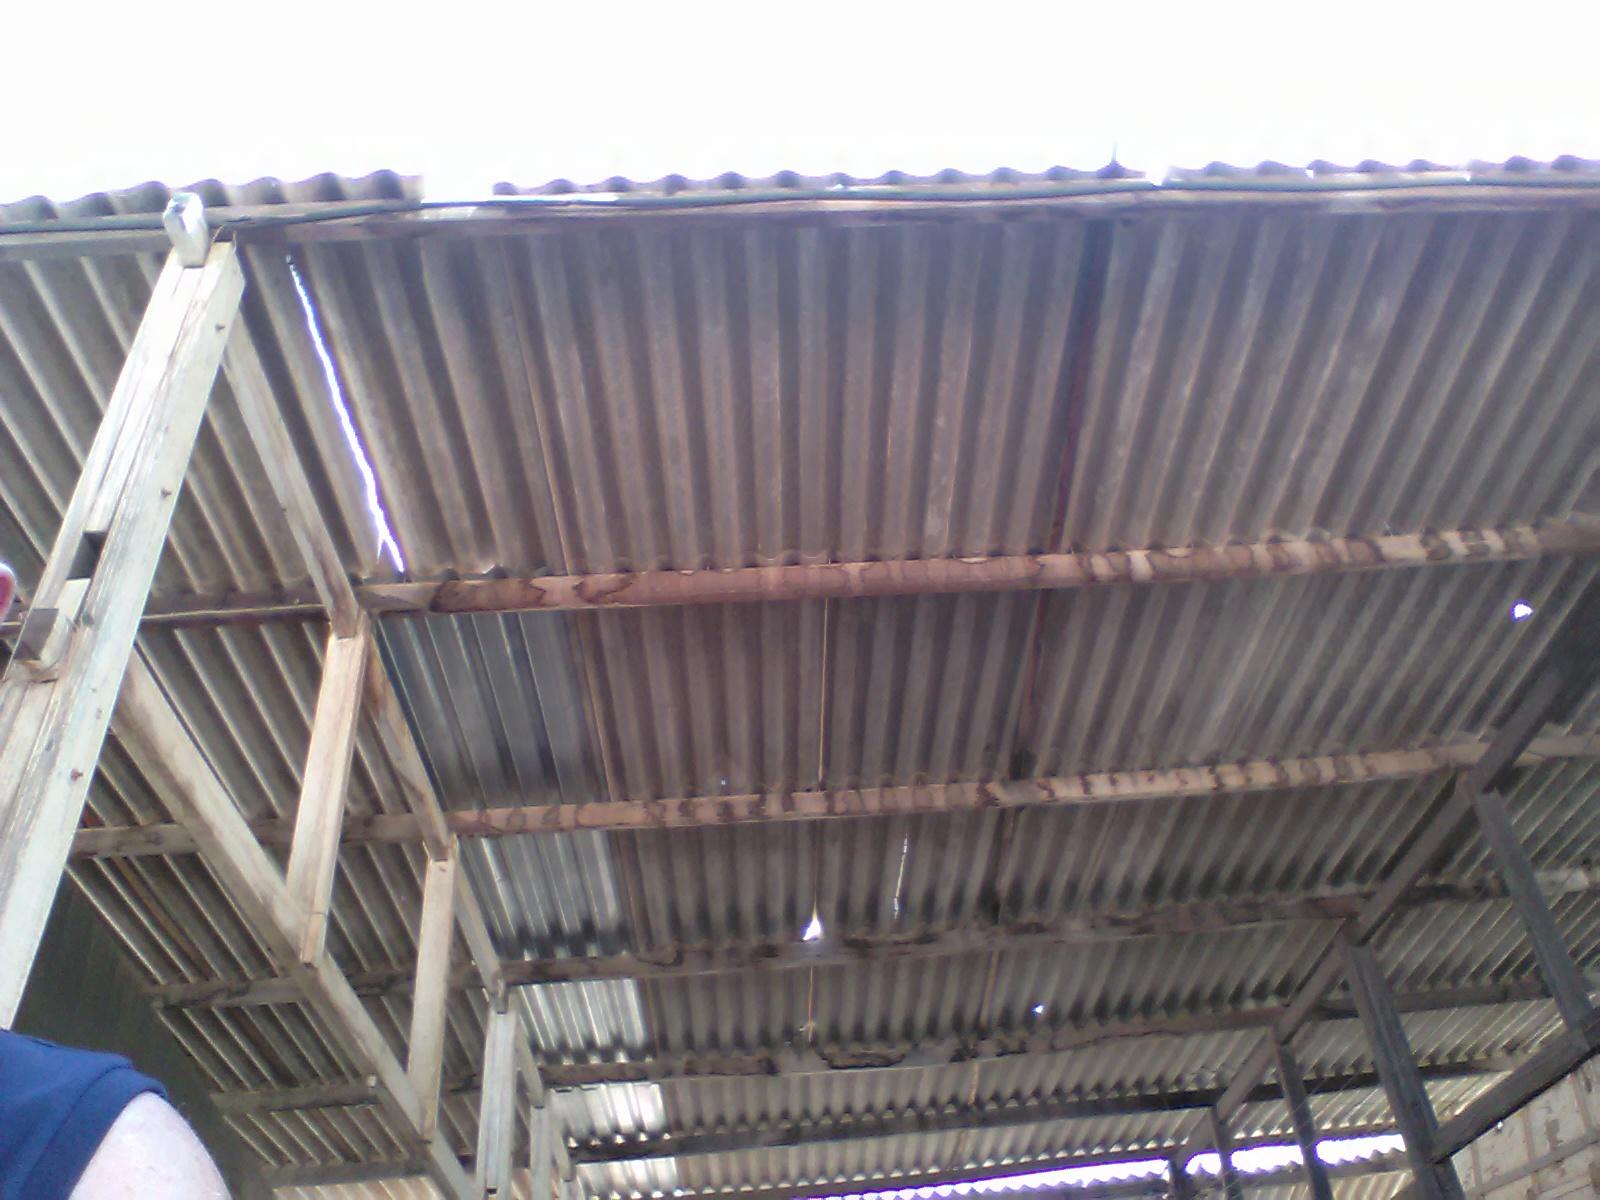 wat-asbest-dak-